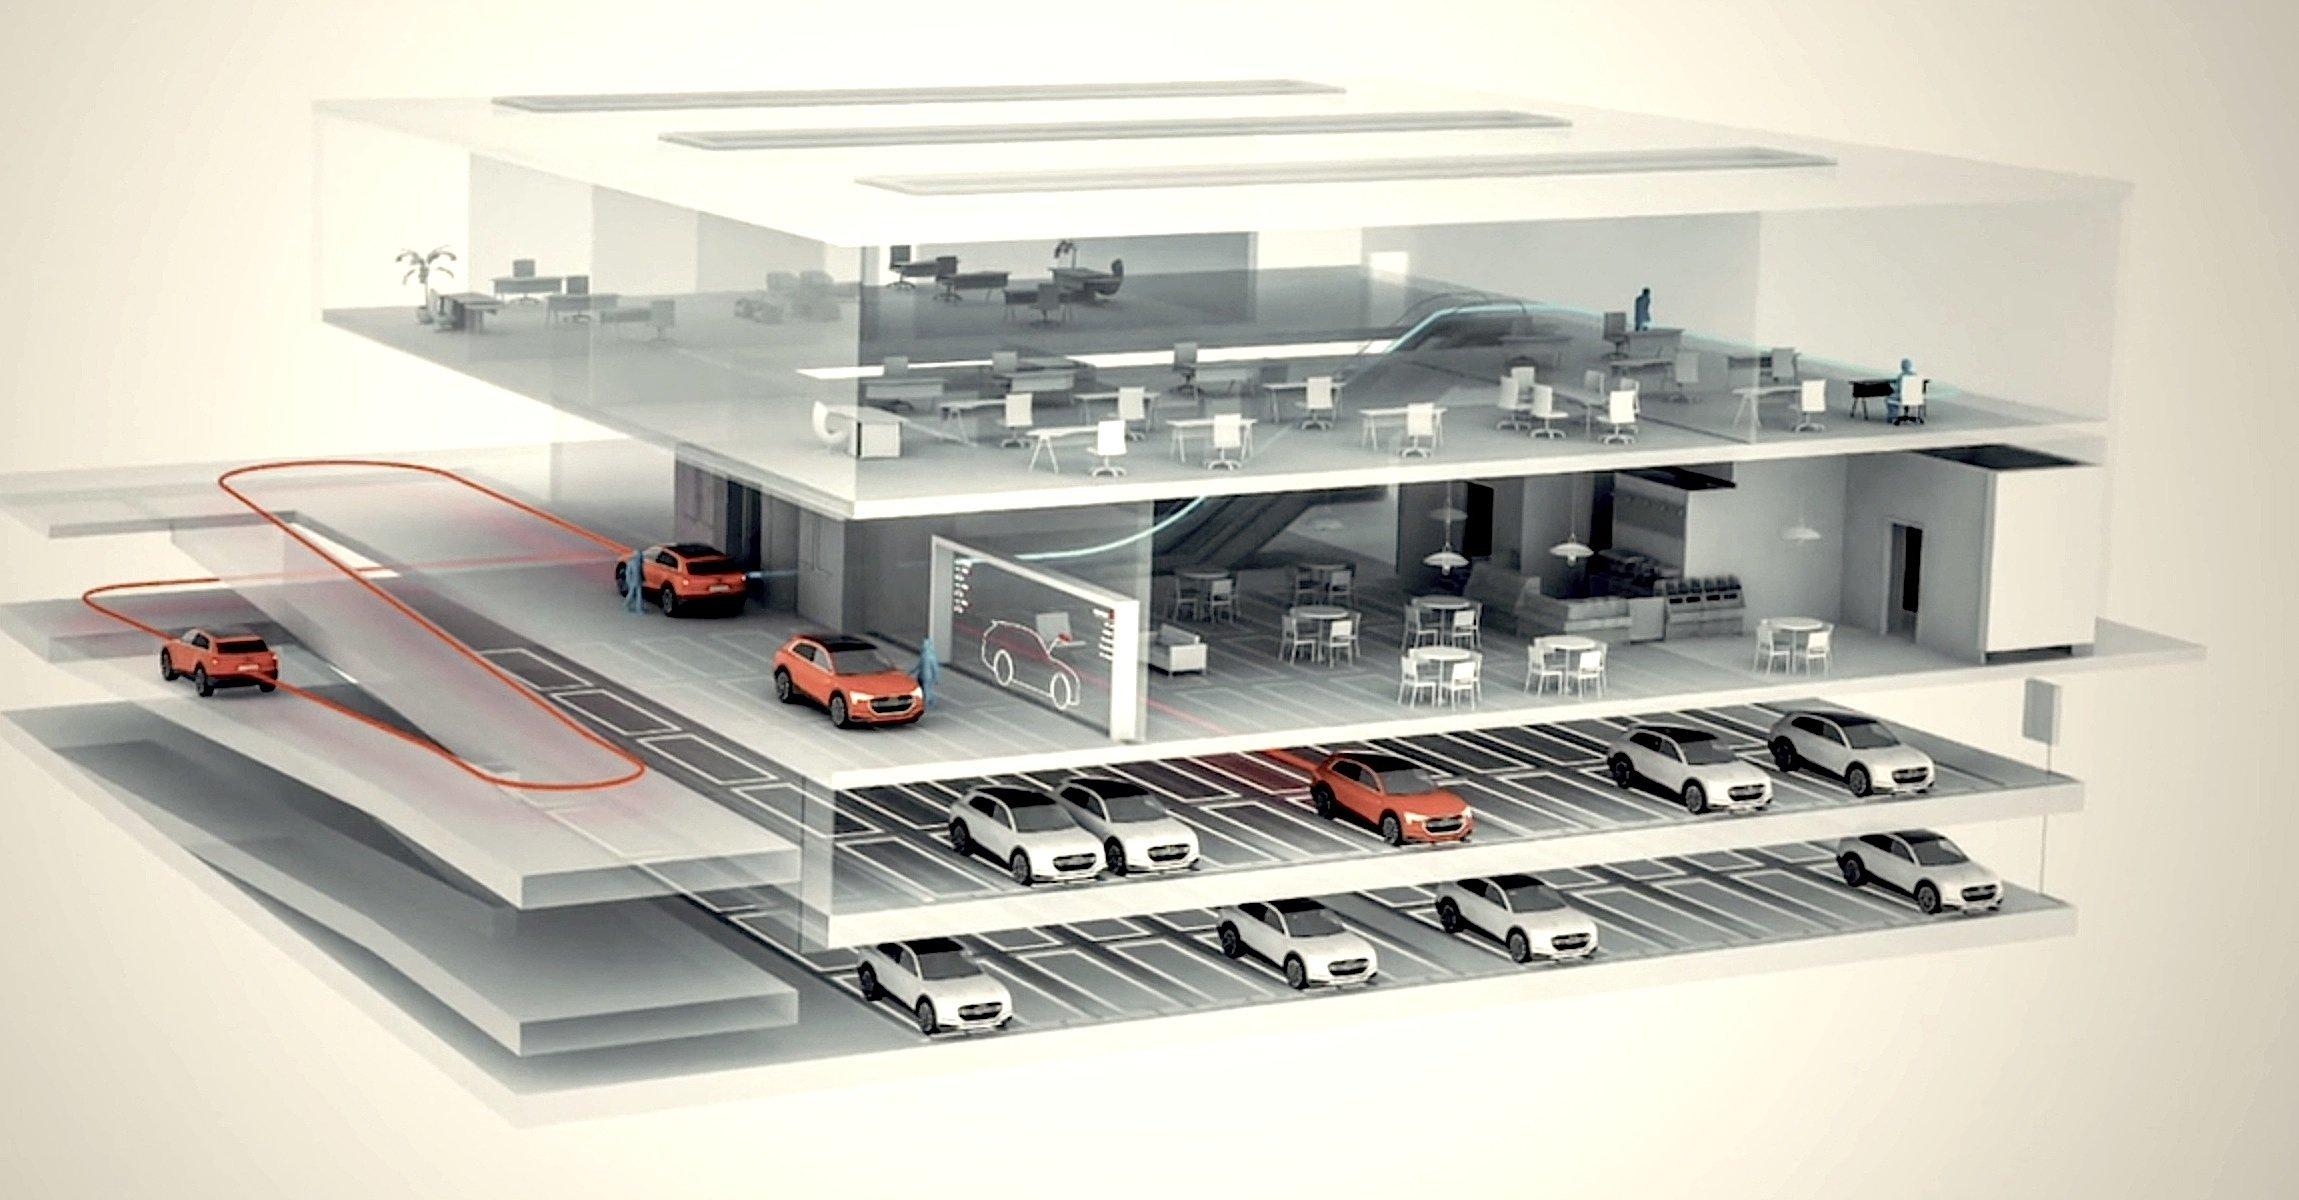 Arbeitsplatz und Auto unter einem Dach: Auch in Zukunft spielt das Auto in Audis Visionen eine zentrale Rolle. Dank pilotiertem Einparken soll der Platzbedarf so stark sinken, dass das Auto gleich neben dem Arbeitsplatz steht.